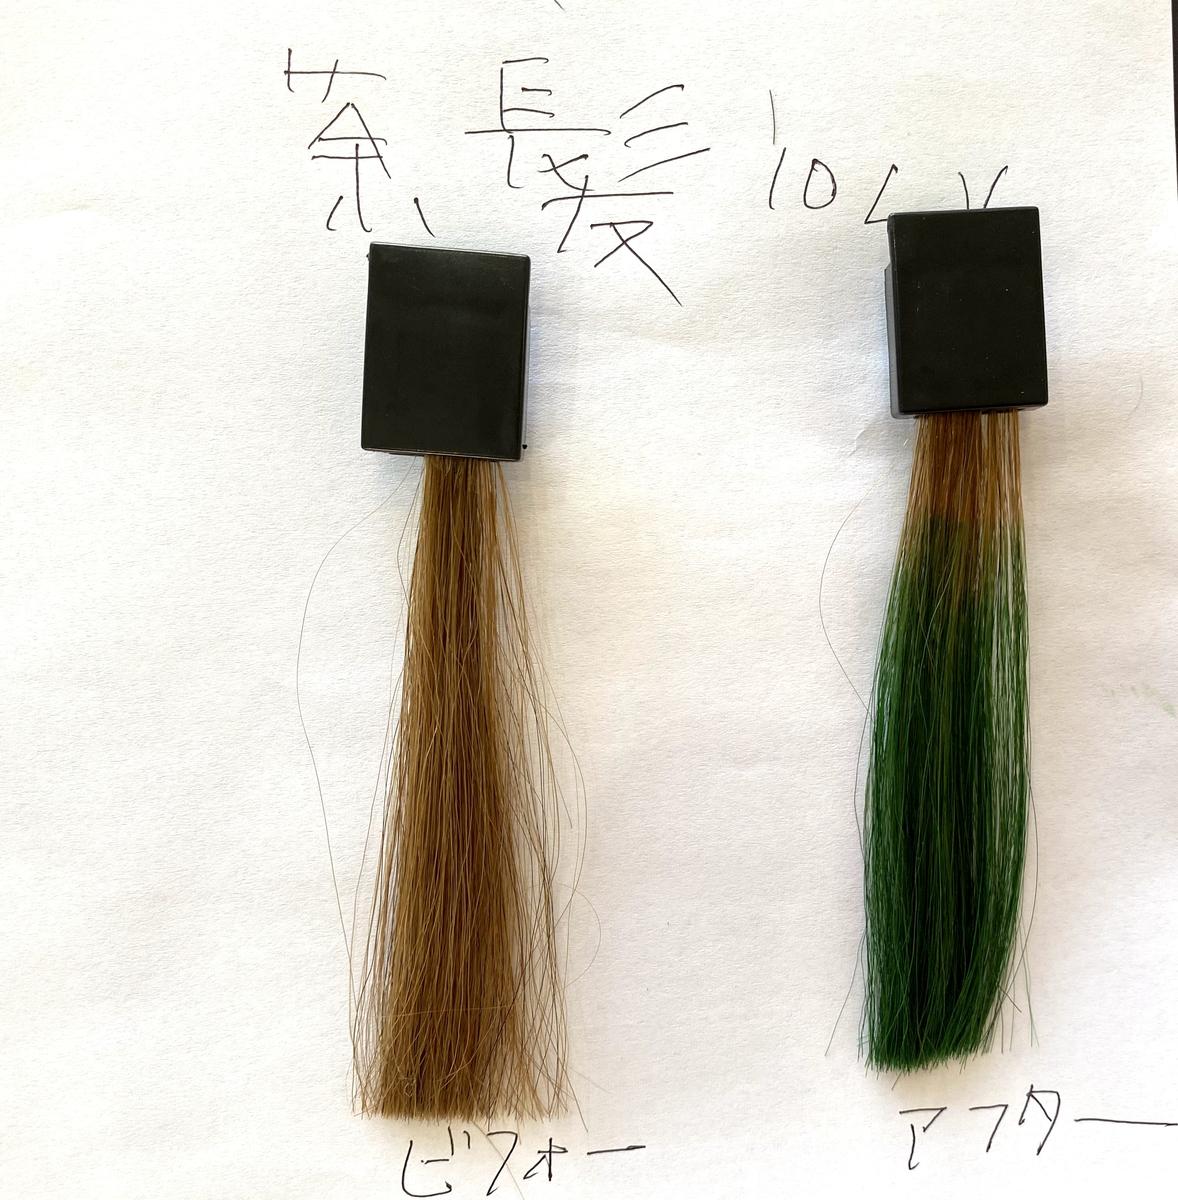 画面左が茶髪で画面右が茶髪にヘンプグリーンで染めた毛束